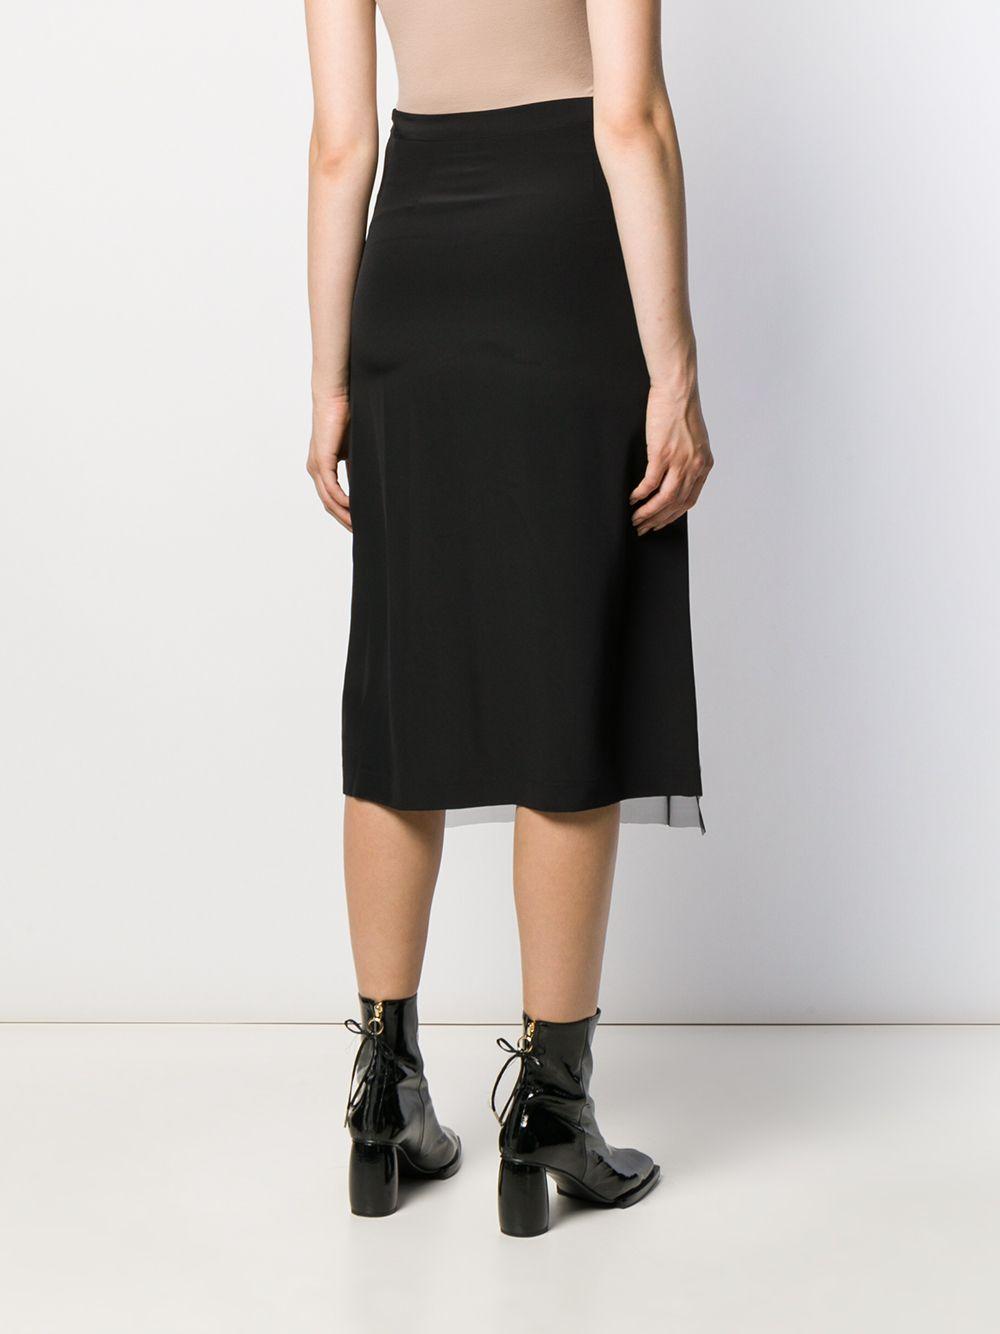 McQ Alexander Mcqueen | юбка с пайетками | Clouty